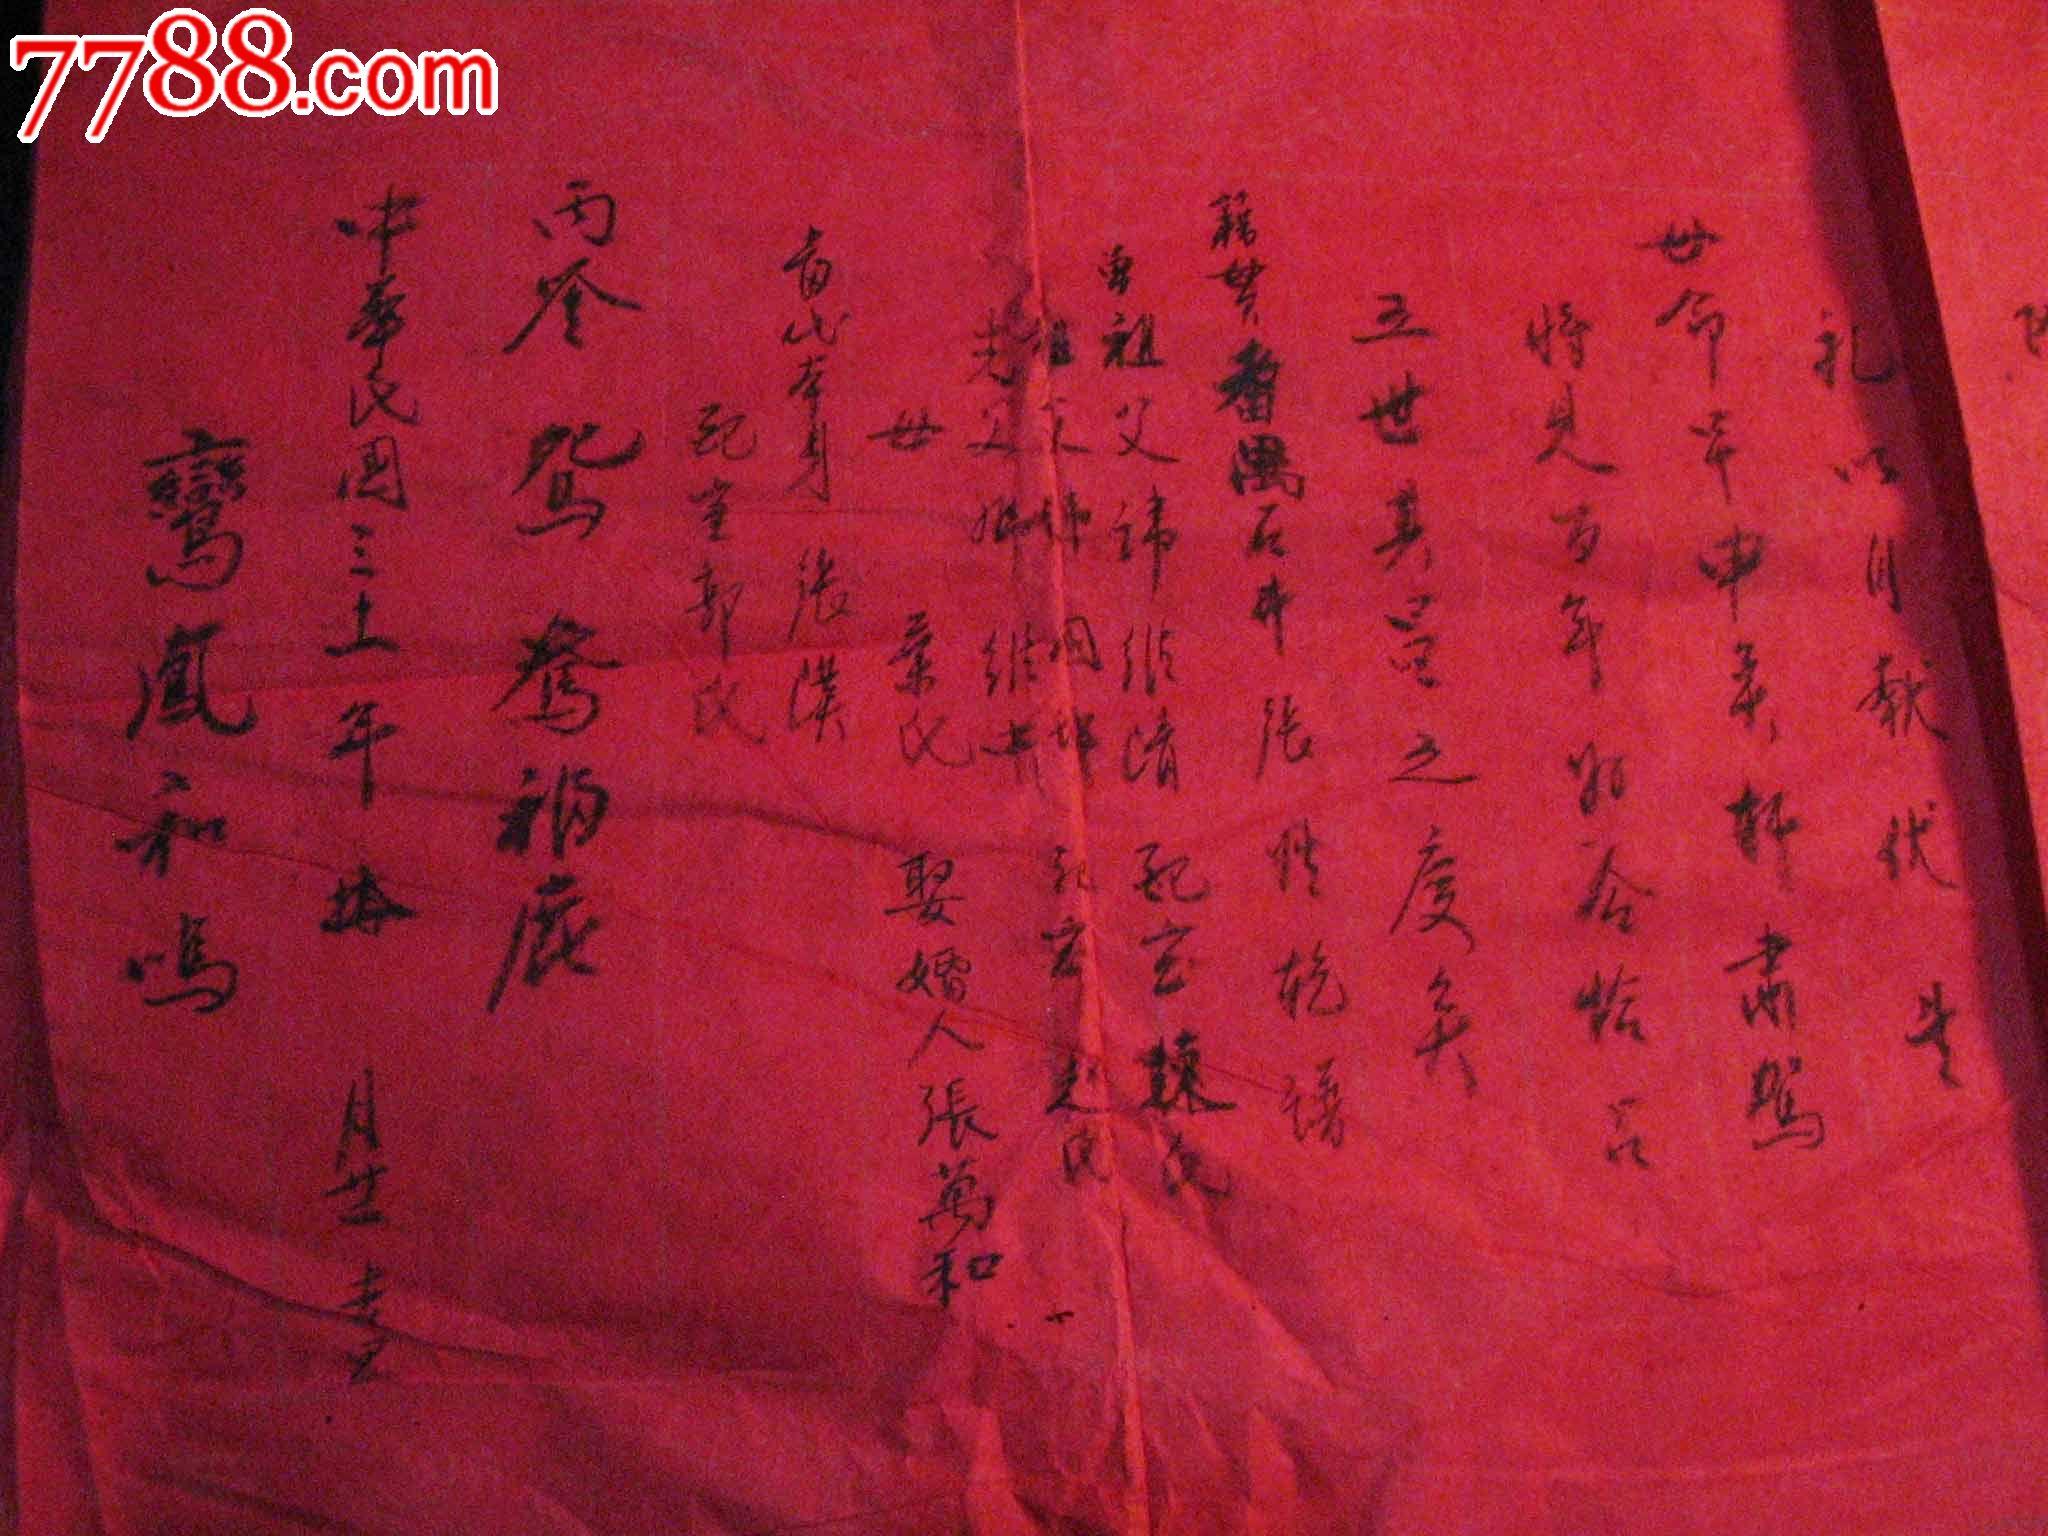 长一米多的抗战时期木刻金色花纹,毛笔书写的婚书一套图片